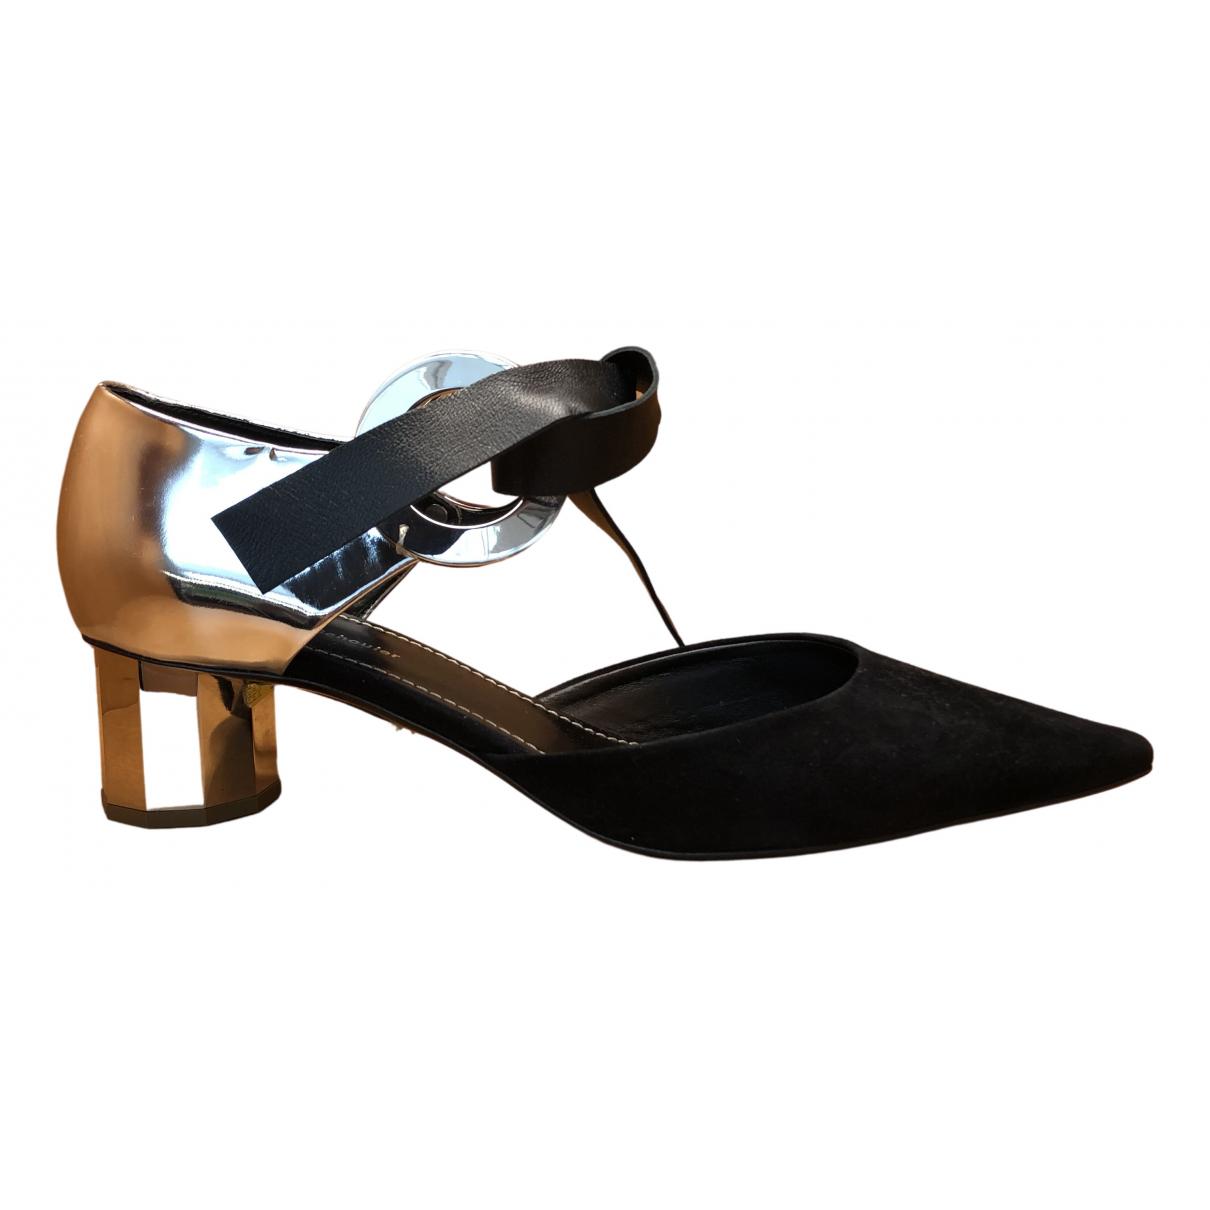 Sandalias romanas de Cuero Proenza Schouler